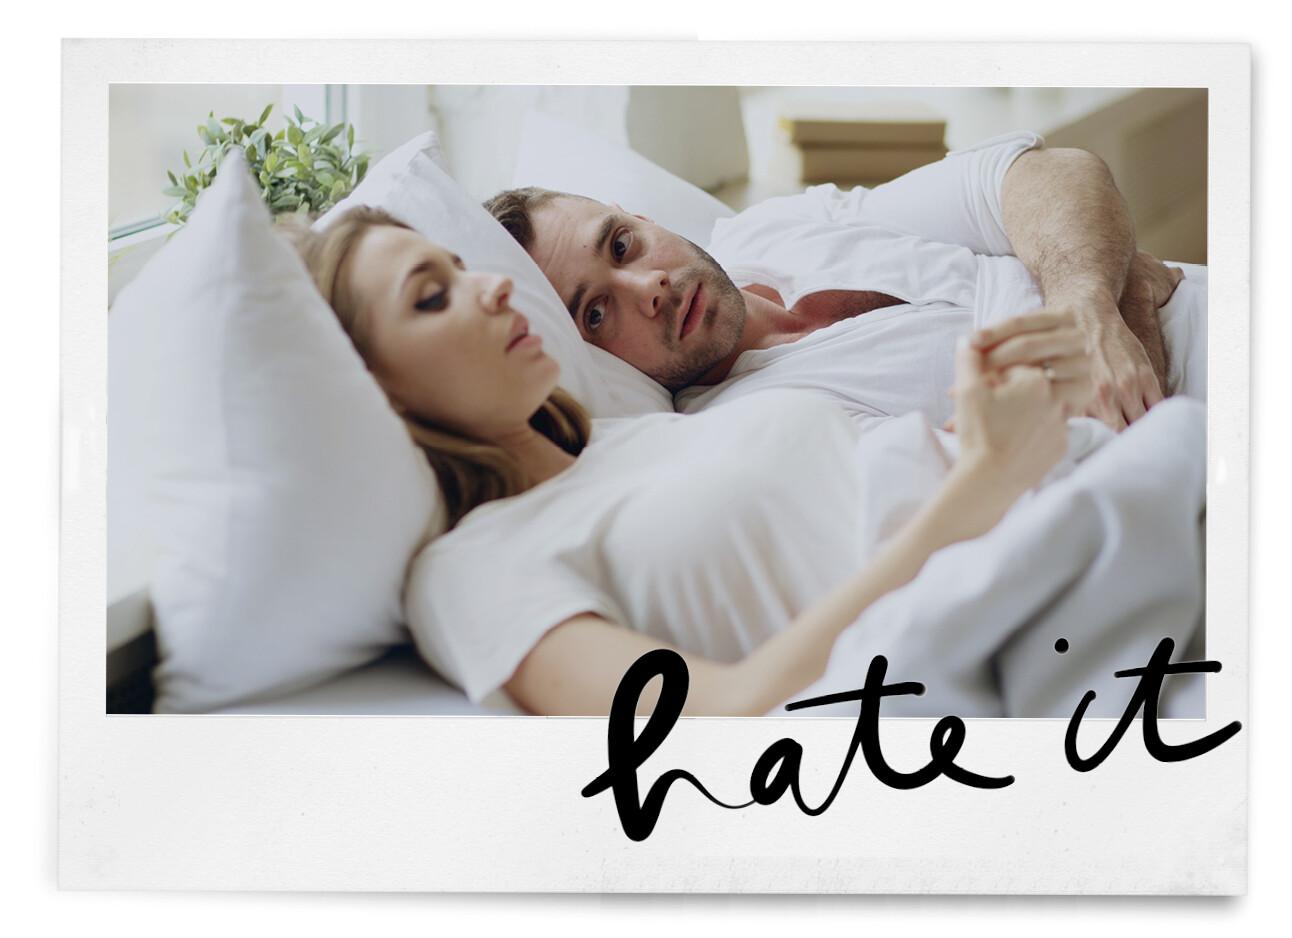 vrouw en man in bed